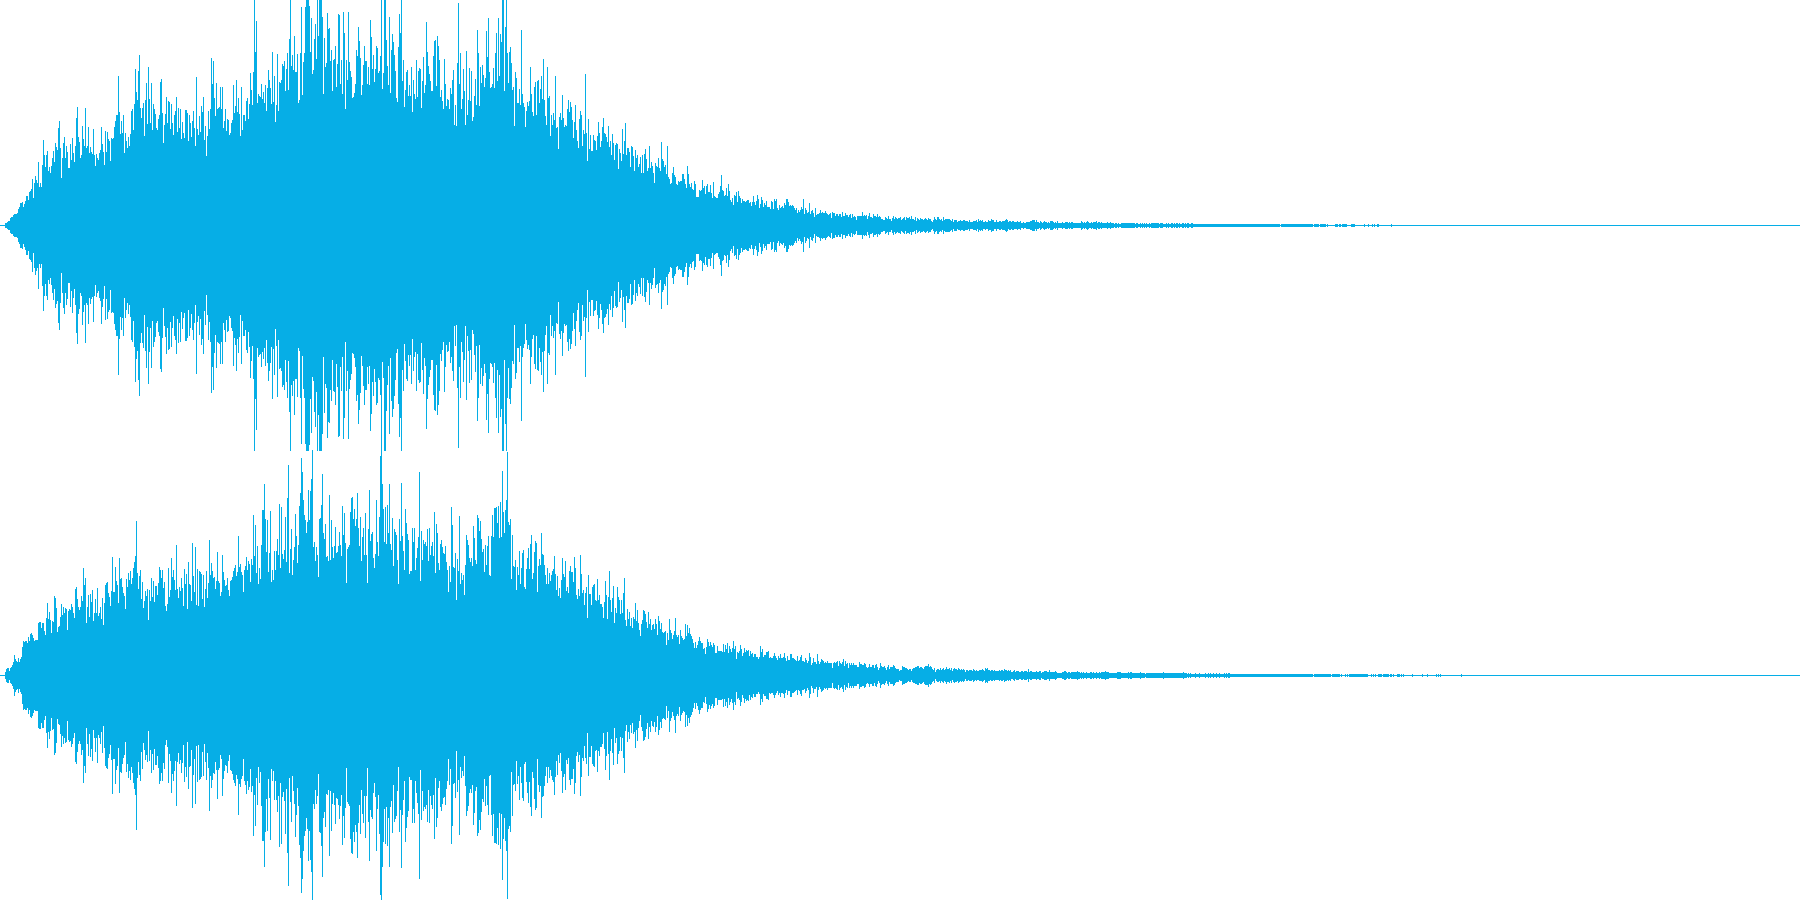 キラキラ・シャラシャラした音の再生済みの波形